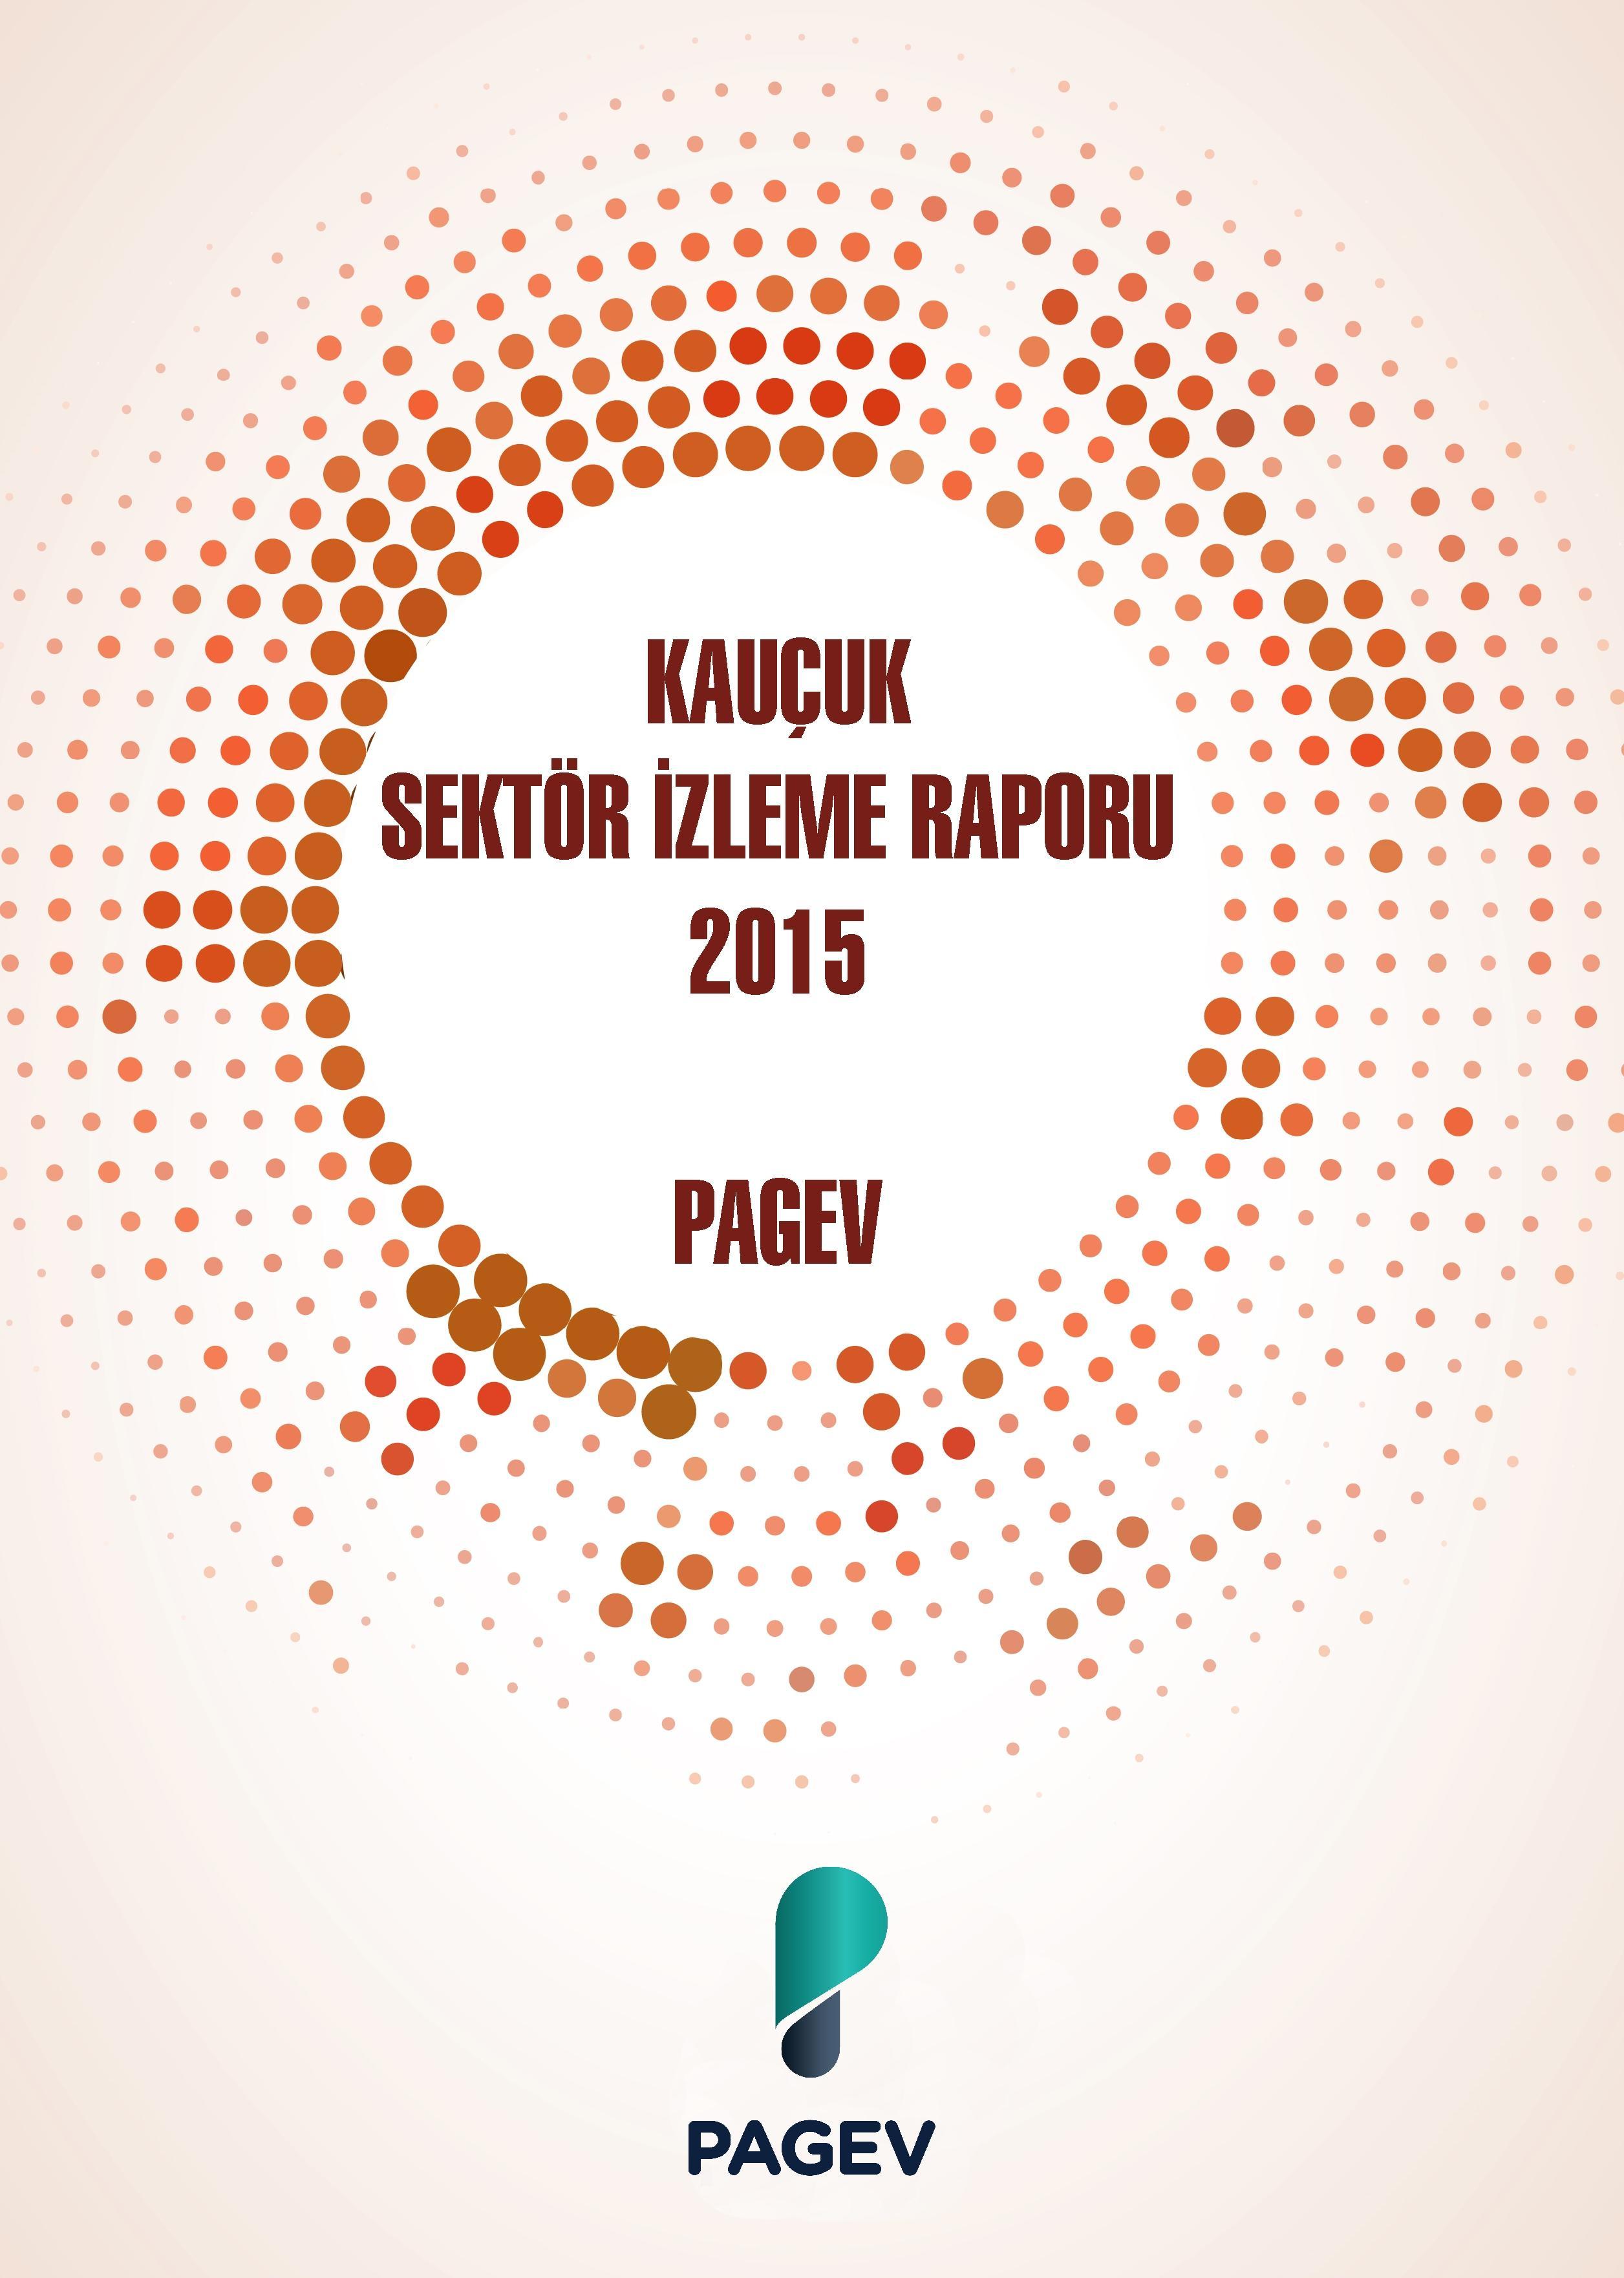 Türkiye Kauçuk Sektör İzleme Raporu 2015